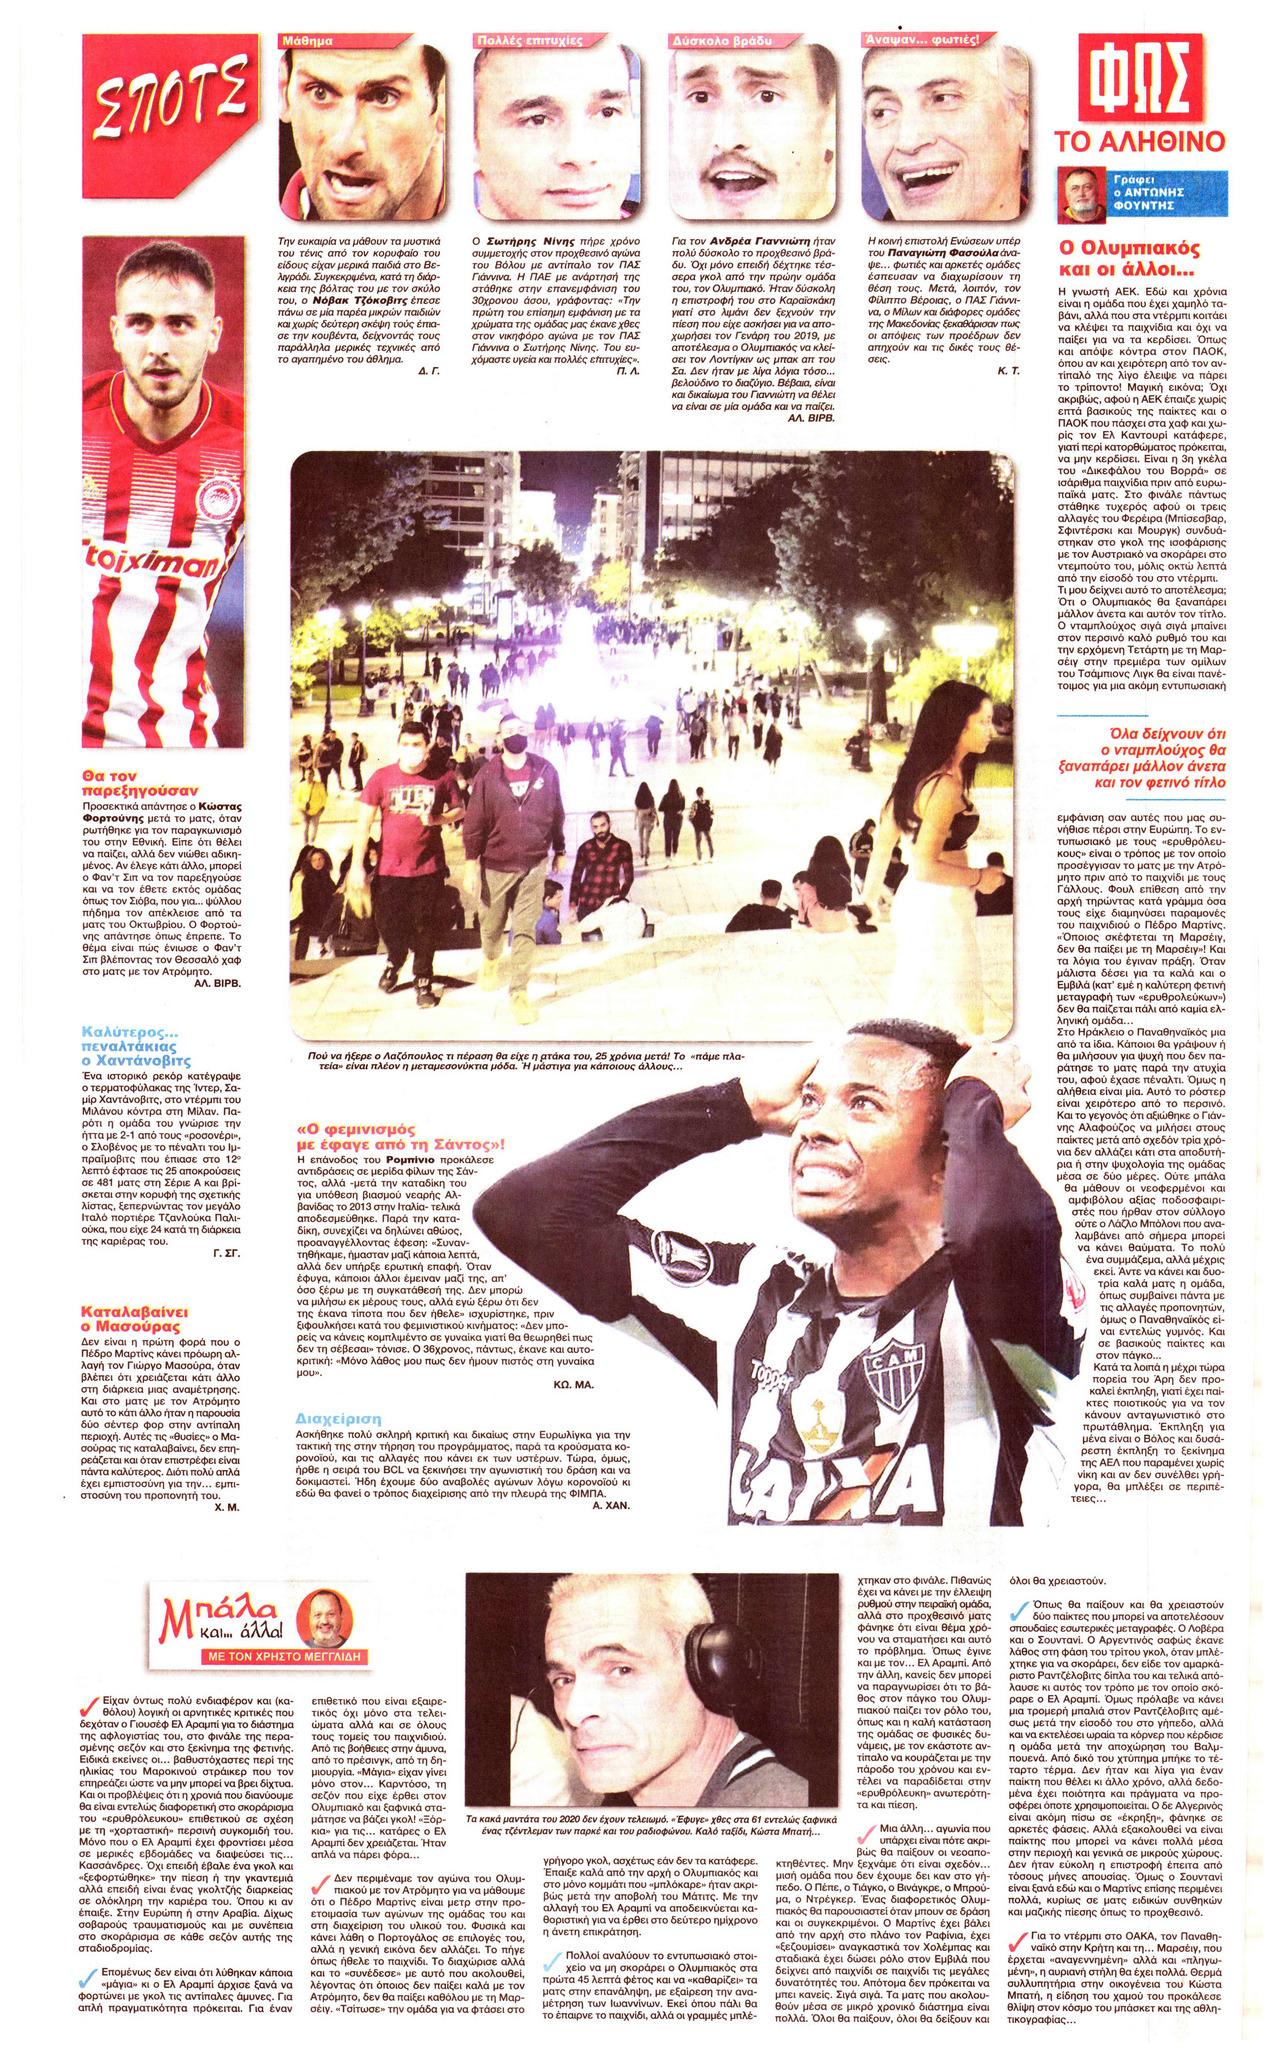 Οπισθόφυλλο εφημερίδας Φως των σπορ